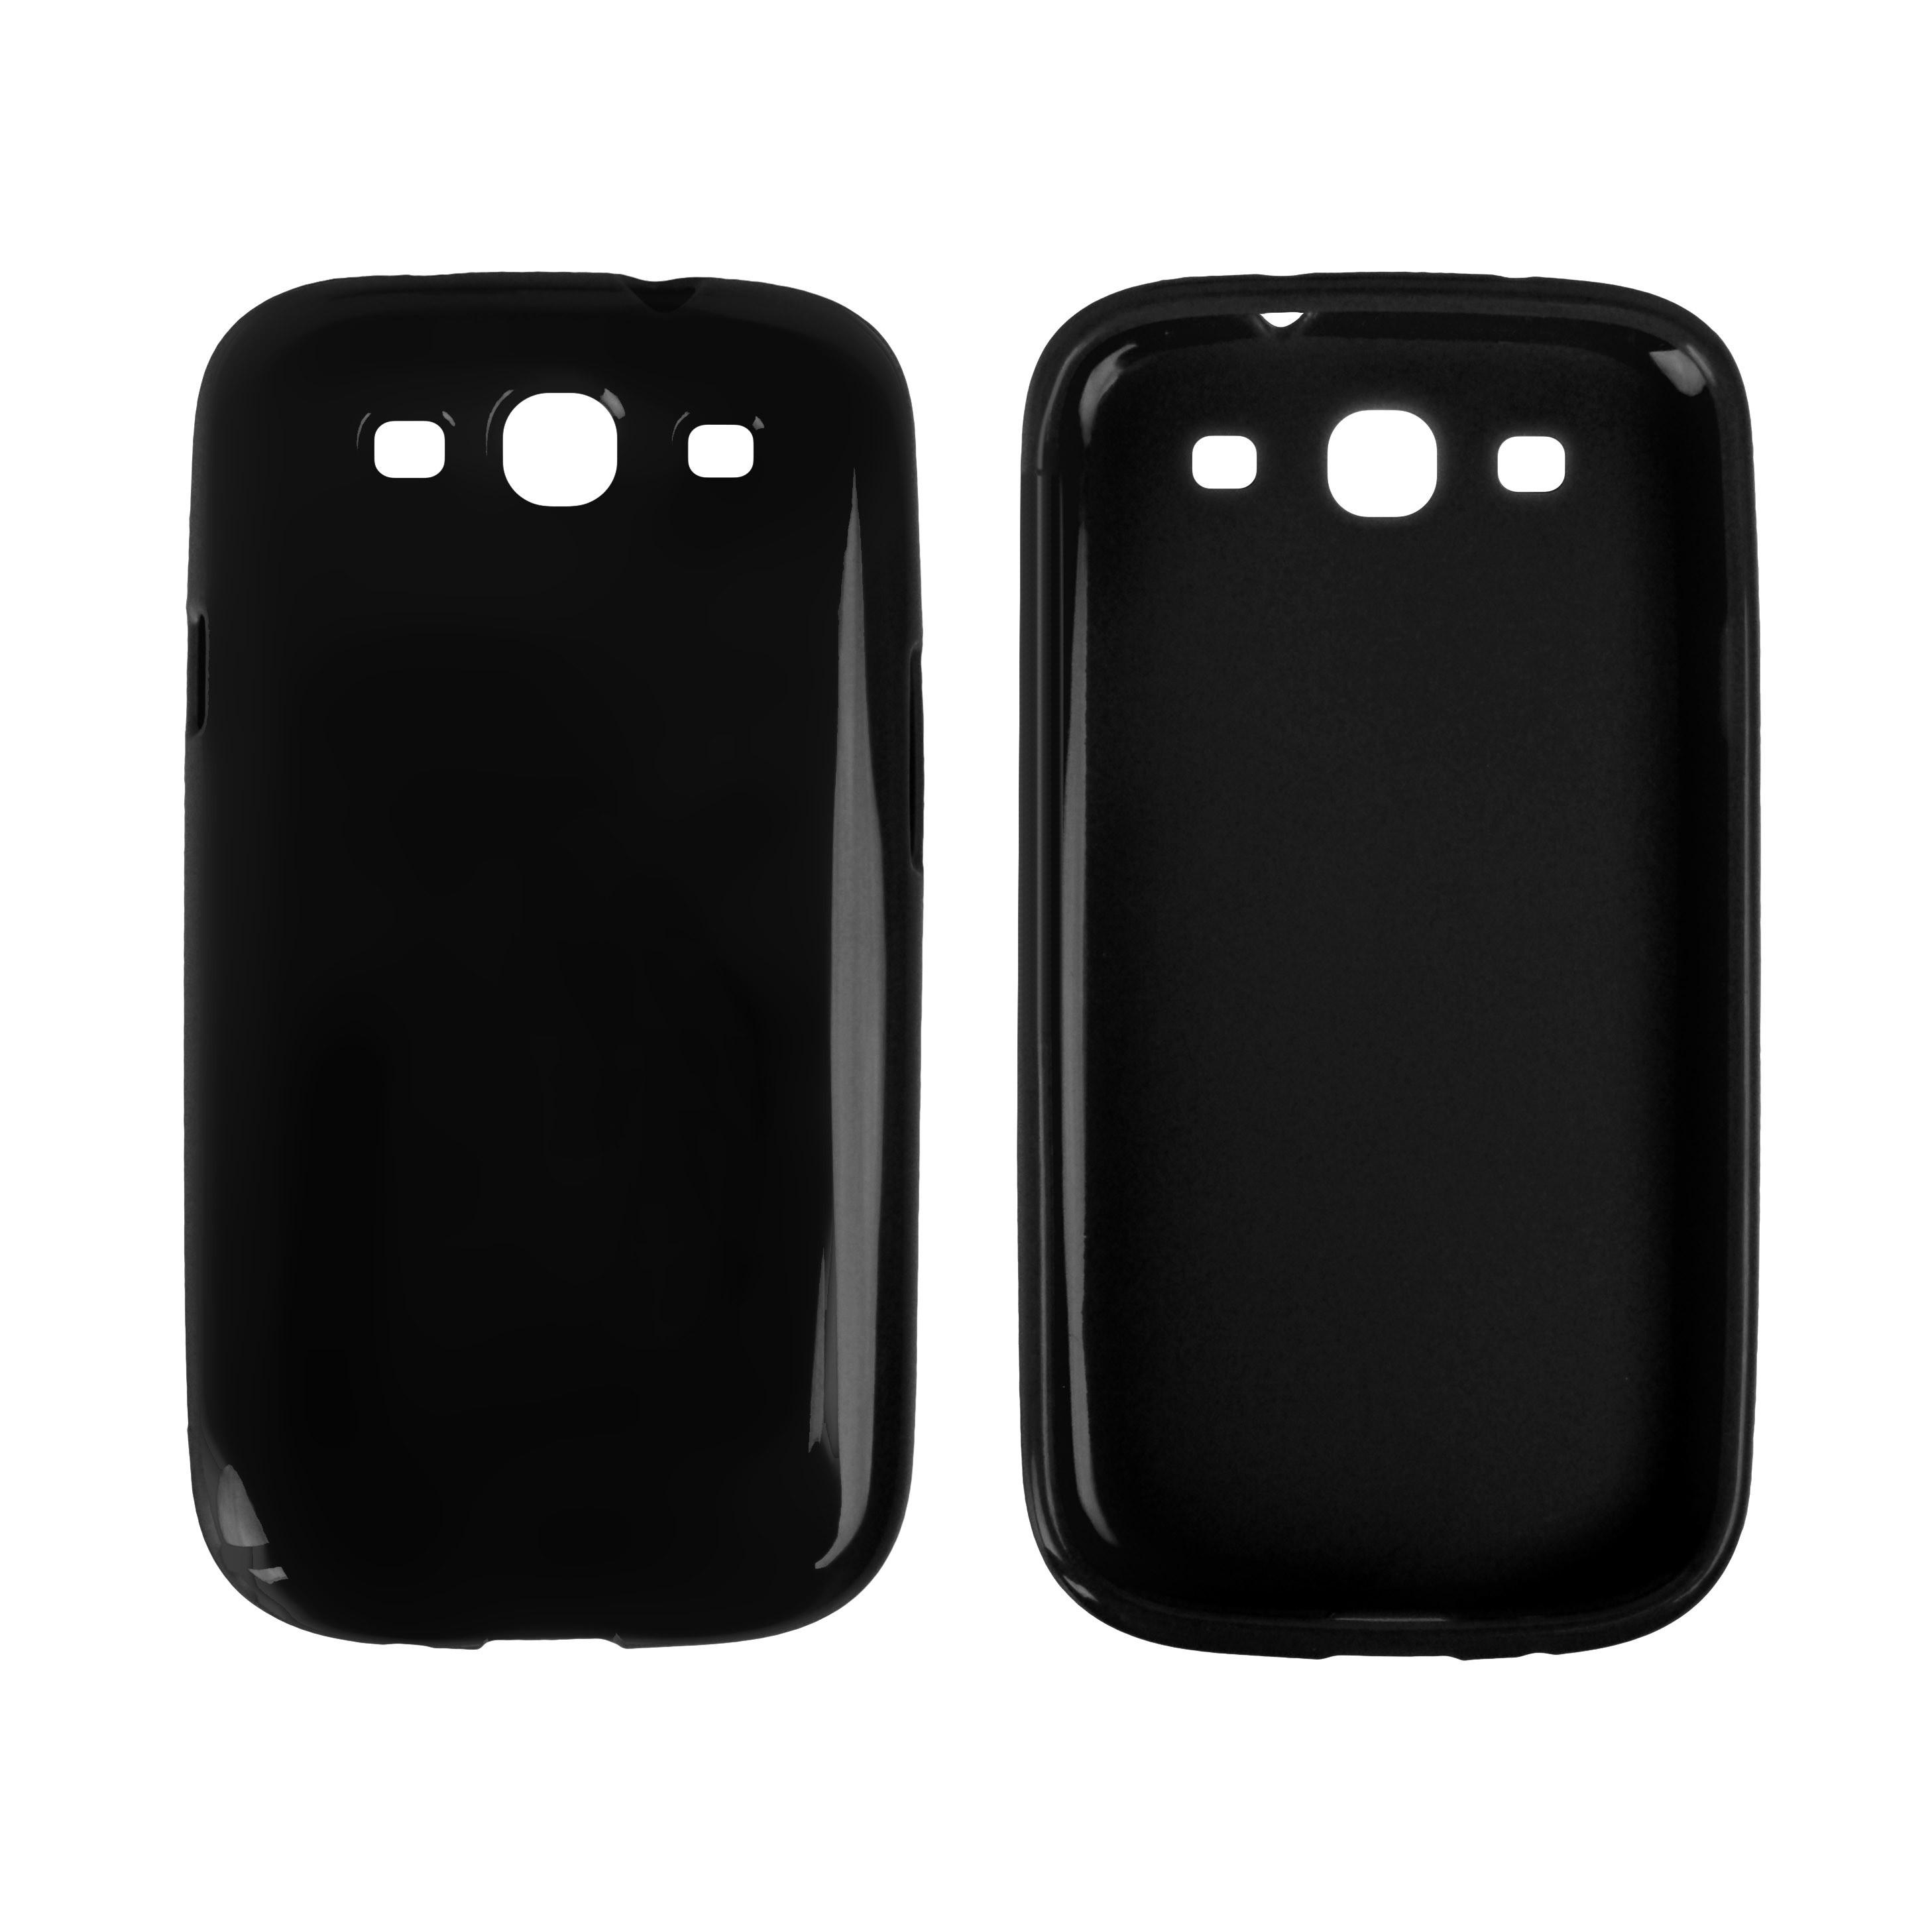 Los mejores accesorios para el Samsung Galaxy S3 - AndroidPIT